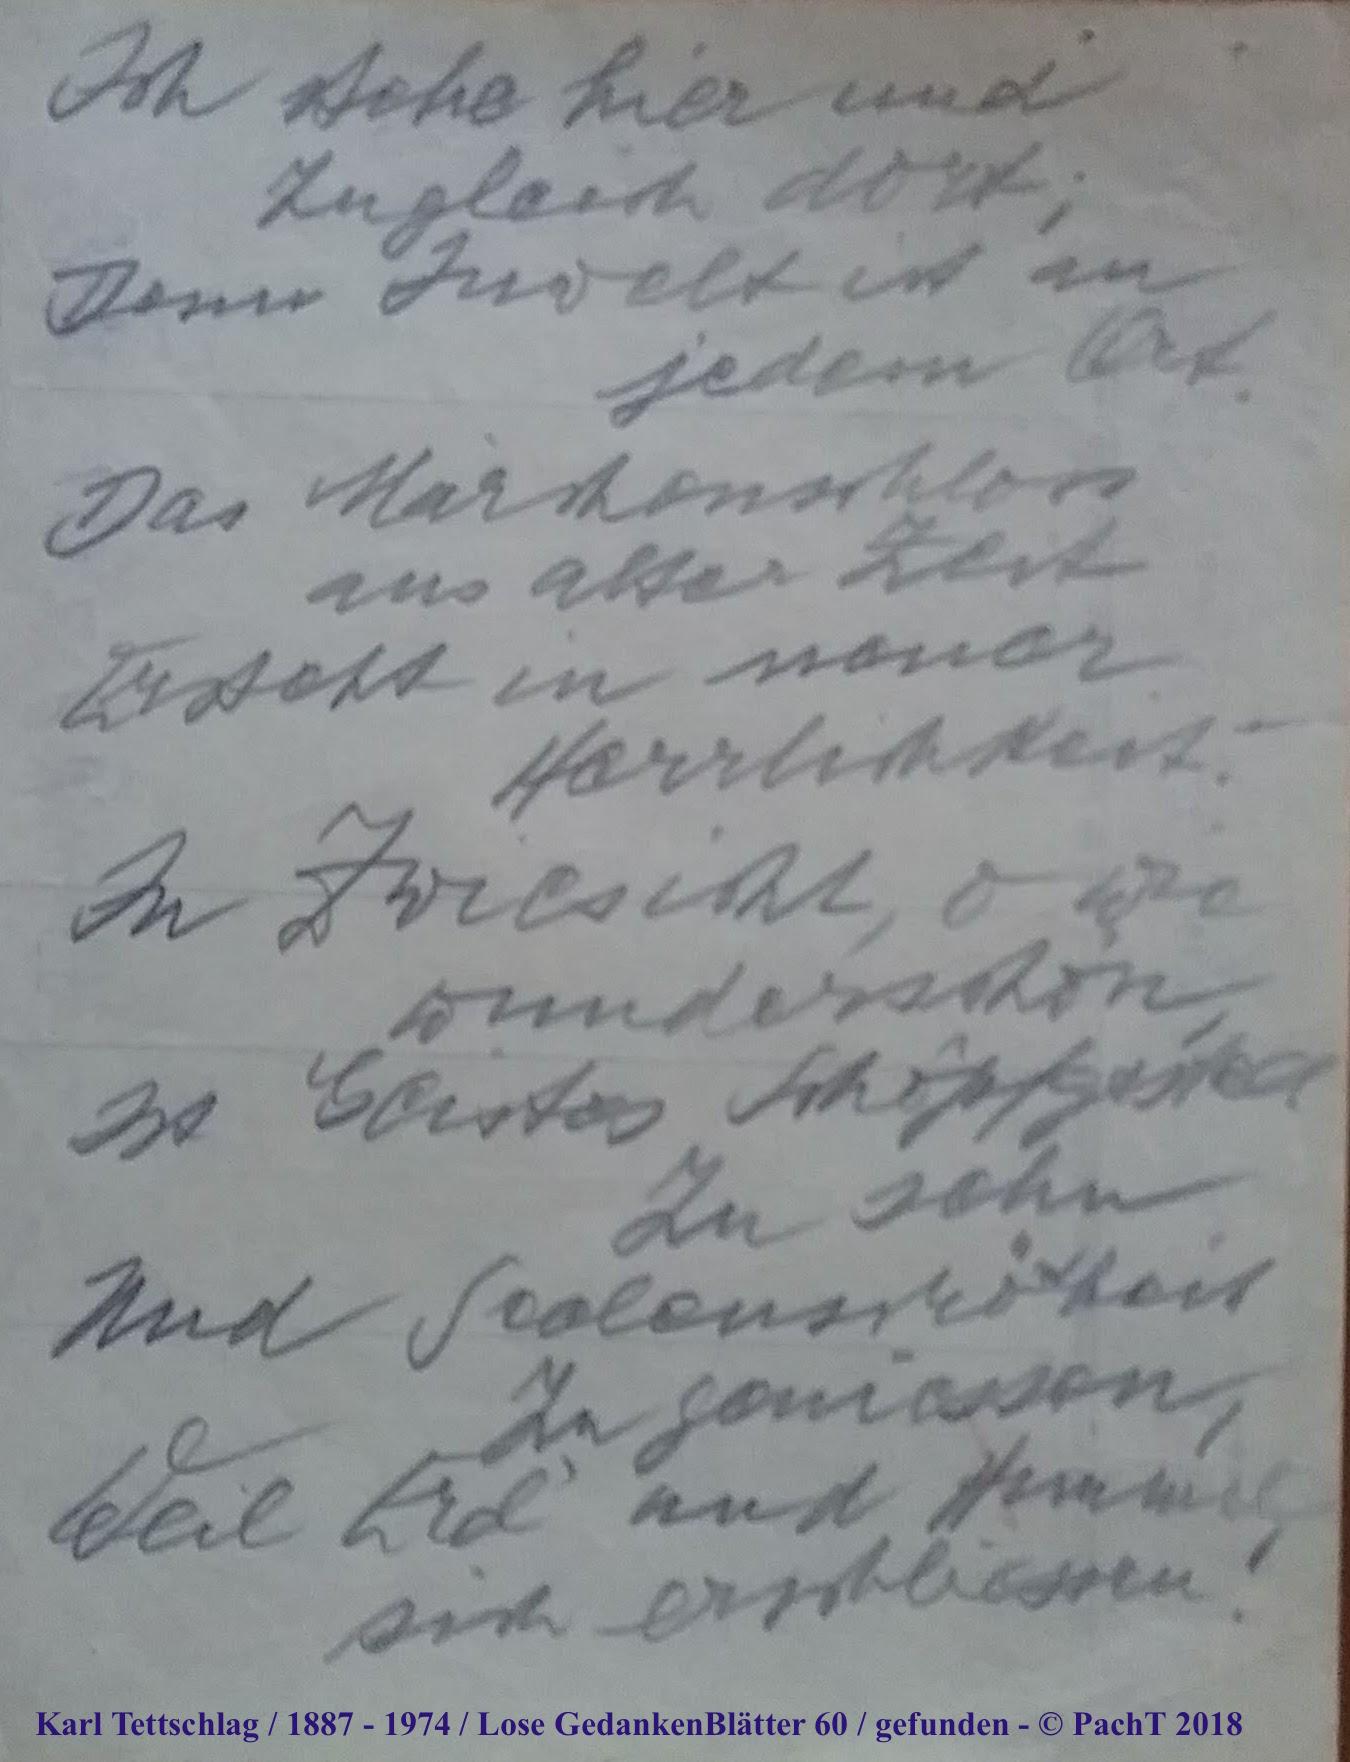 1887 - 1974 Erinnerungen an meinen Opa _ Lose GedankenBlätter 60